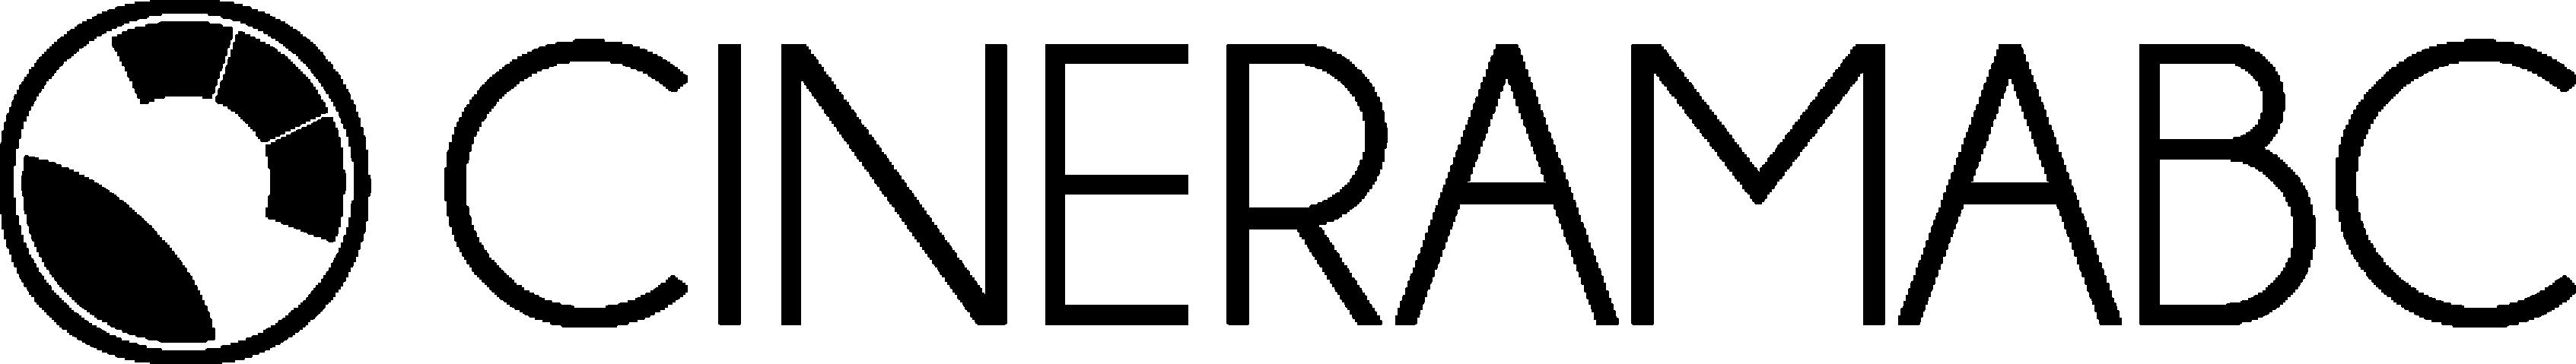 Cineramabc